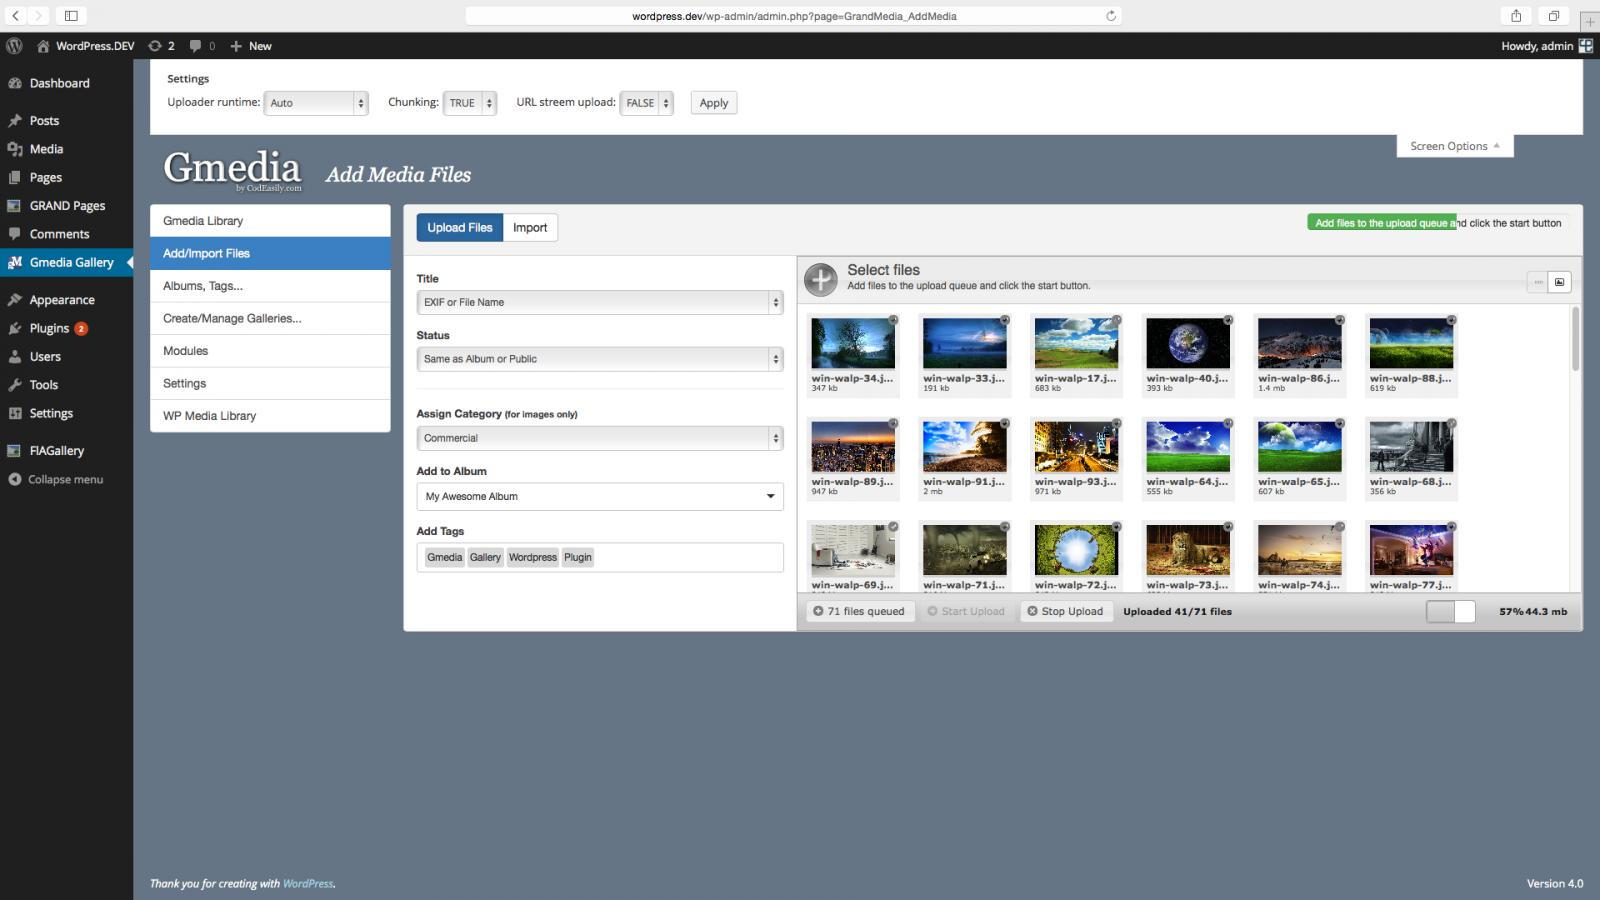 Gmedia Screenshot1